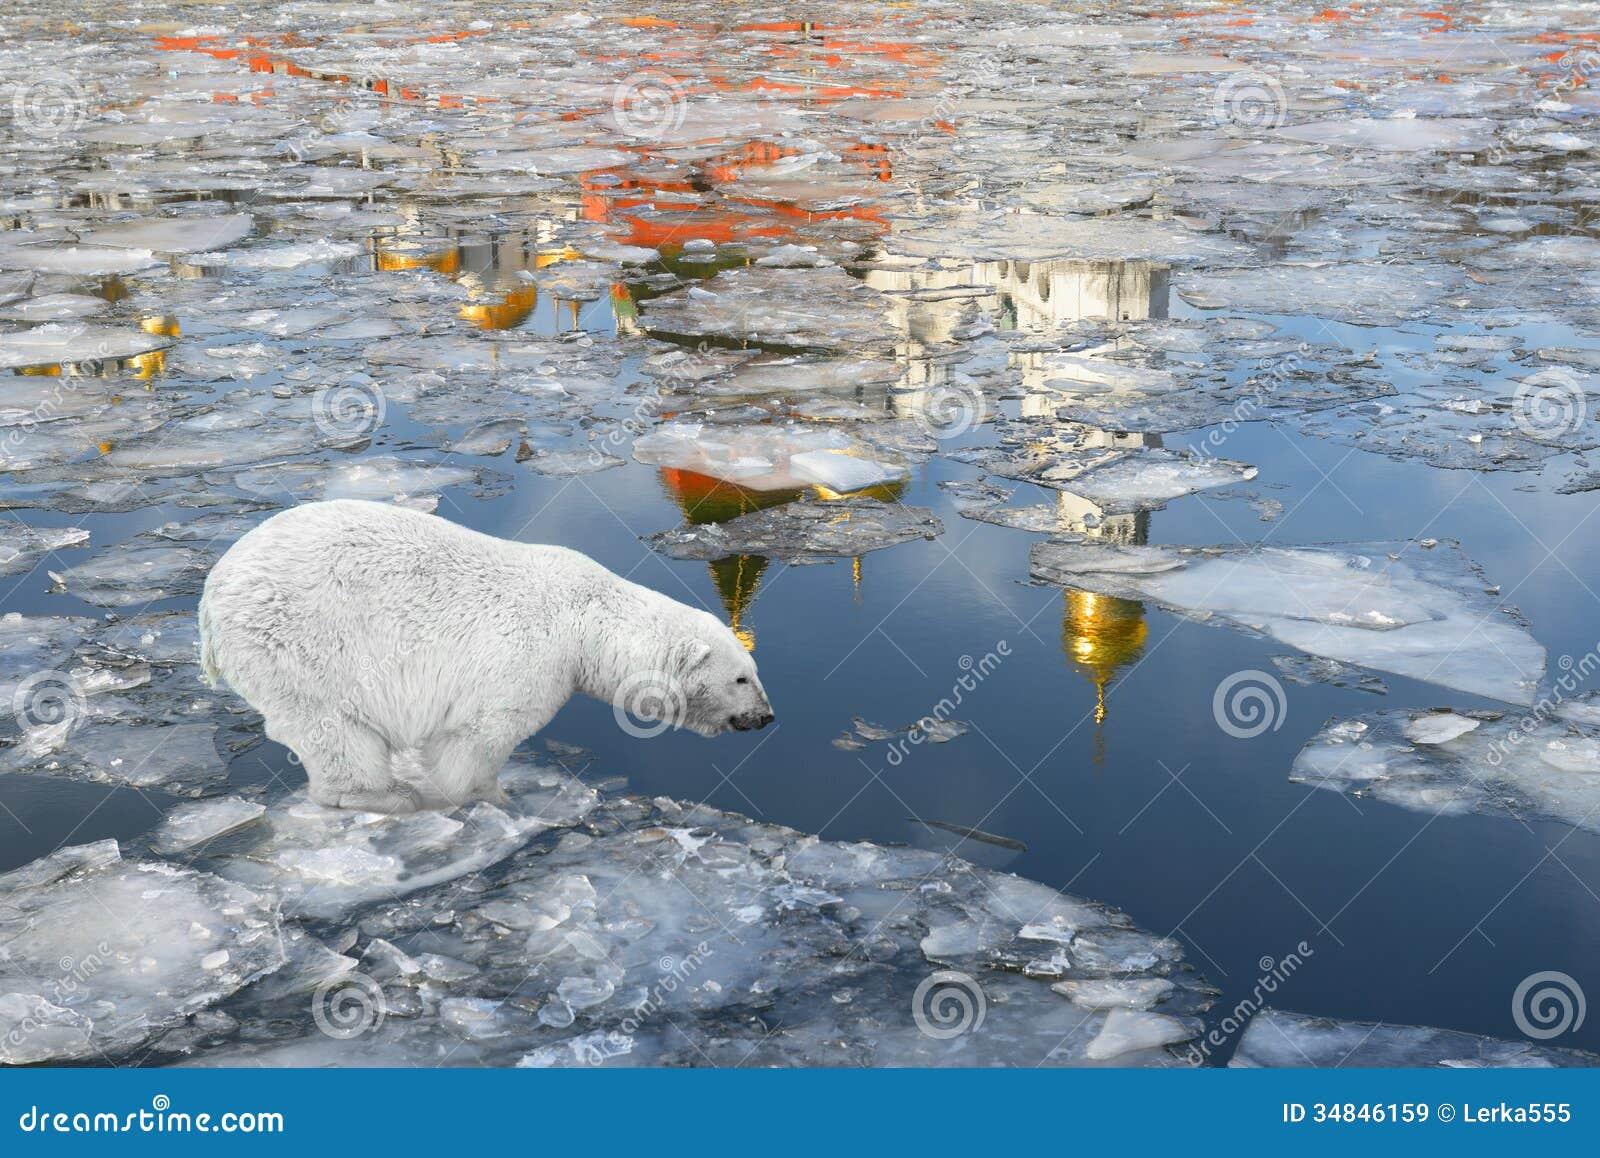 медведь отражающийся на льду фото автор ждет вкладчиков заемщиков